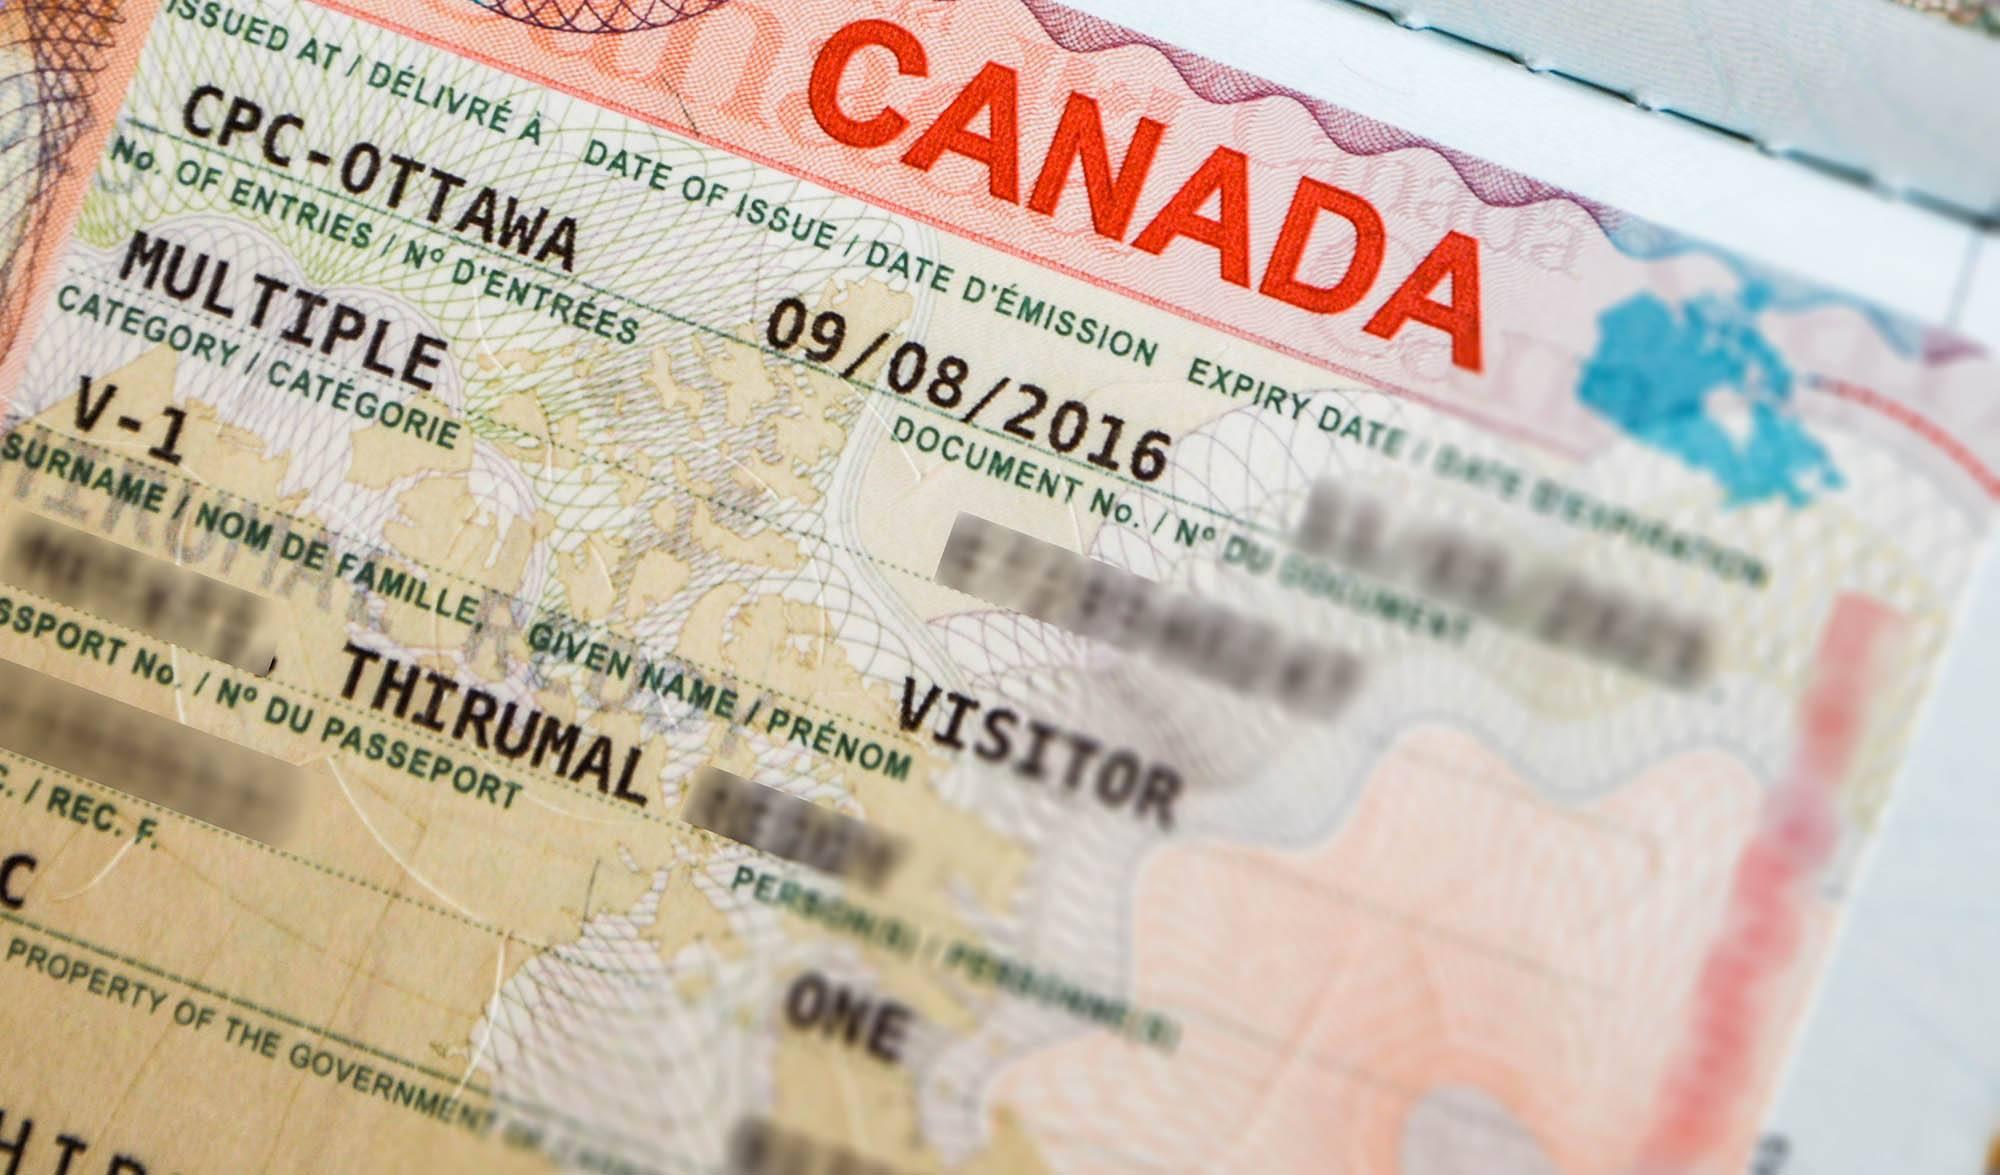 سفر با ویزای کانادا به بیش از 20 کشور دنیا بدون نیاز به دریافت ویزا